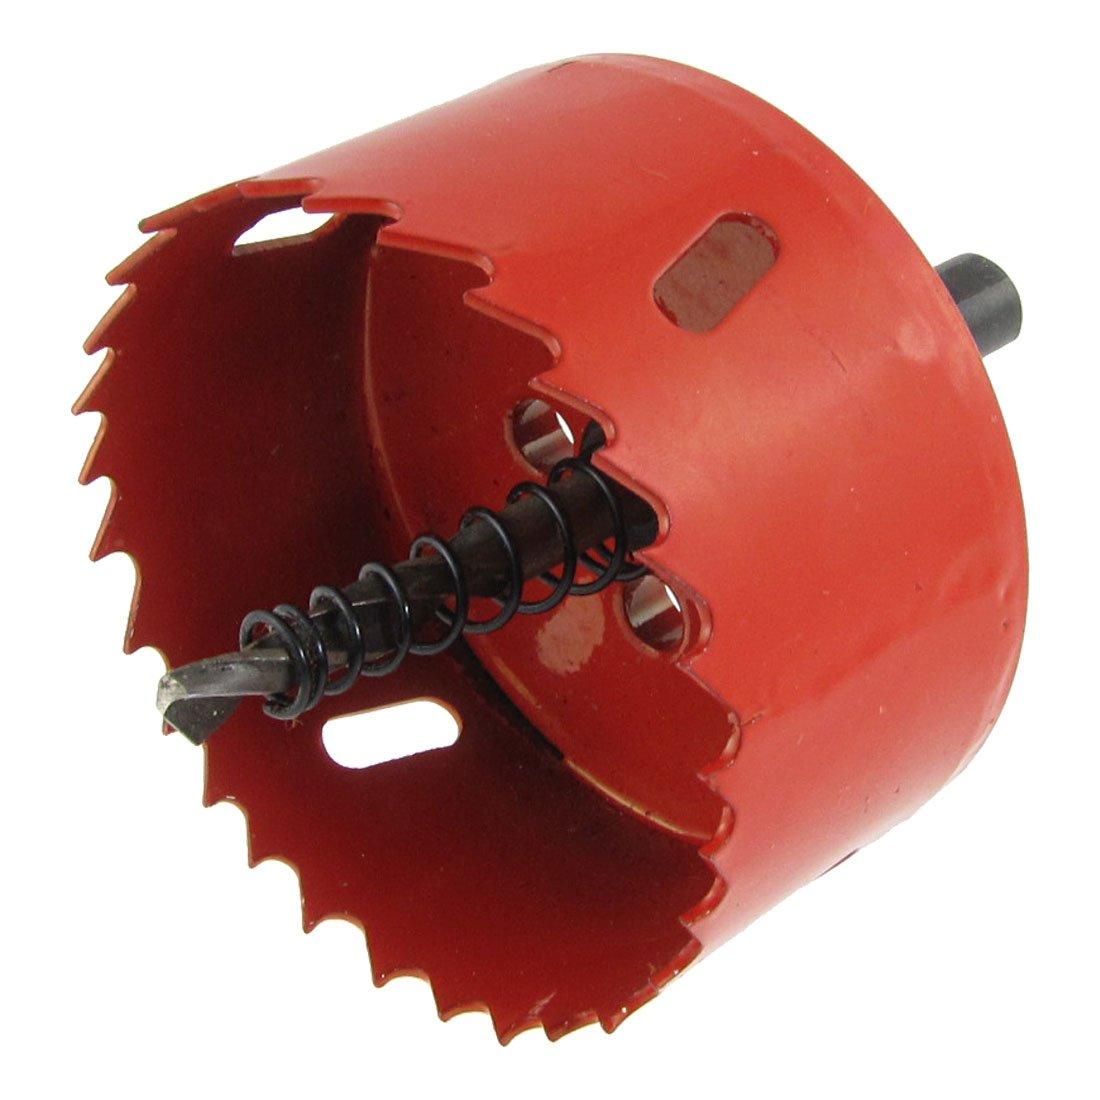 Drill Bit Holesaw Set Twist Drill Bits Hole Saw Cutter Power Tools 2 3/4-Inch Diameter